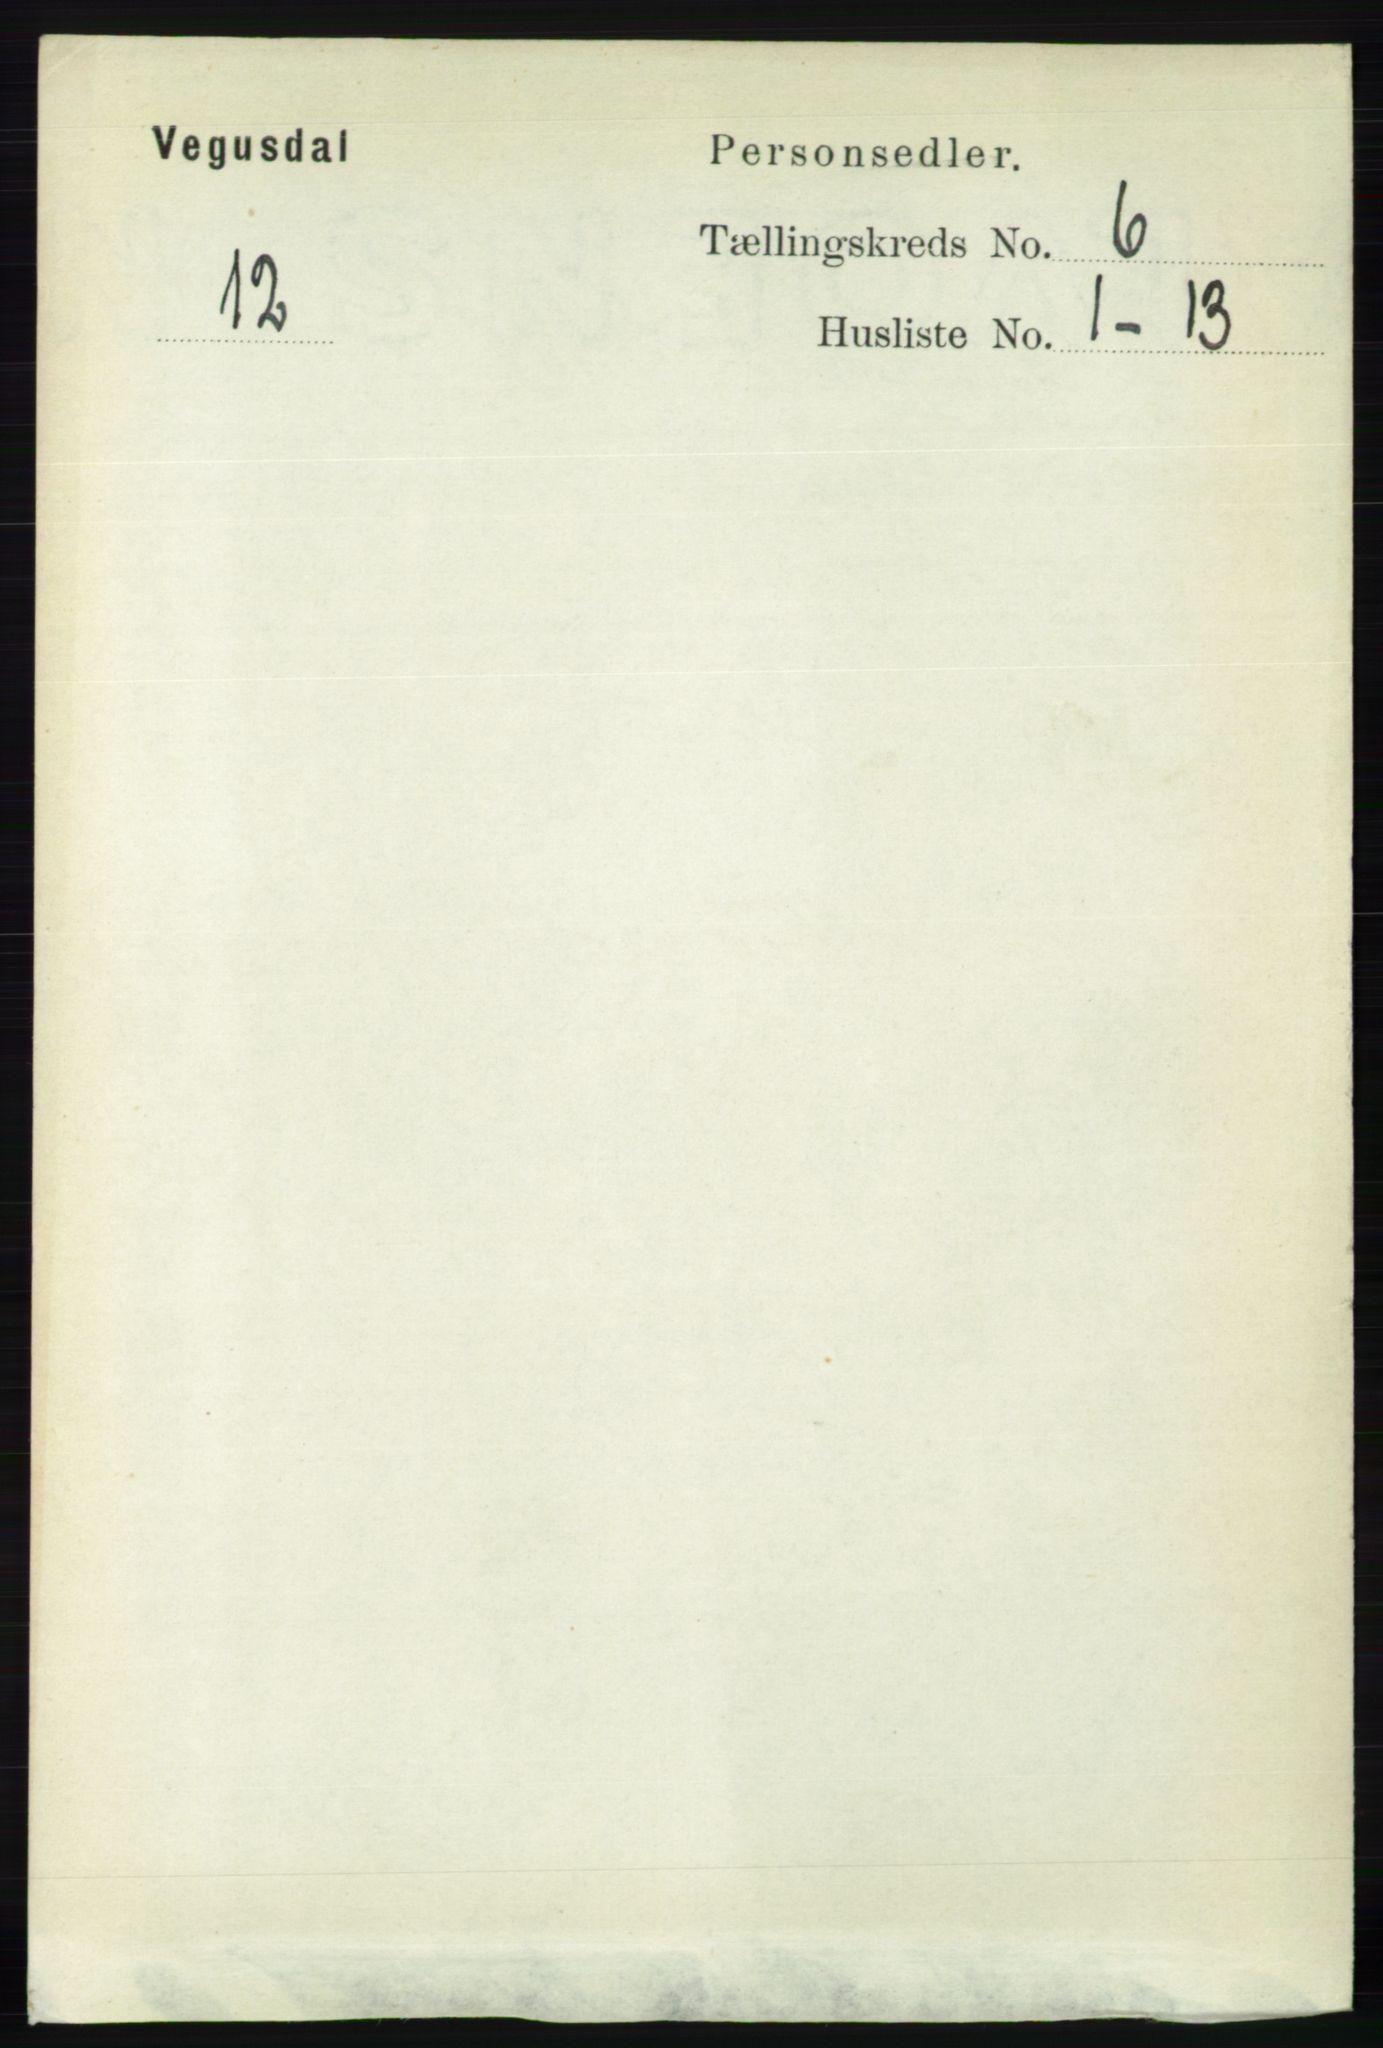 RA, Folketelling 1891 for 0934 Vegusdal herred, 1891, s. 1078